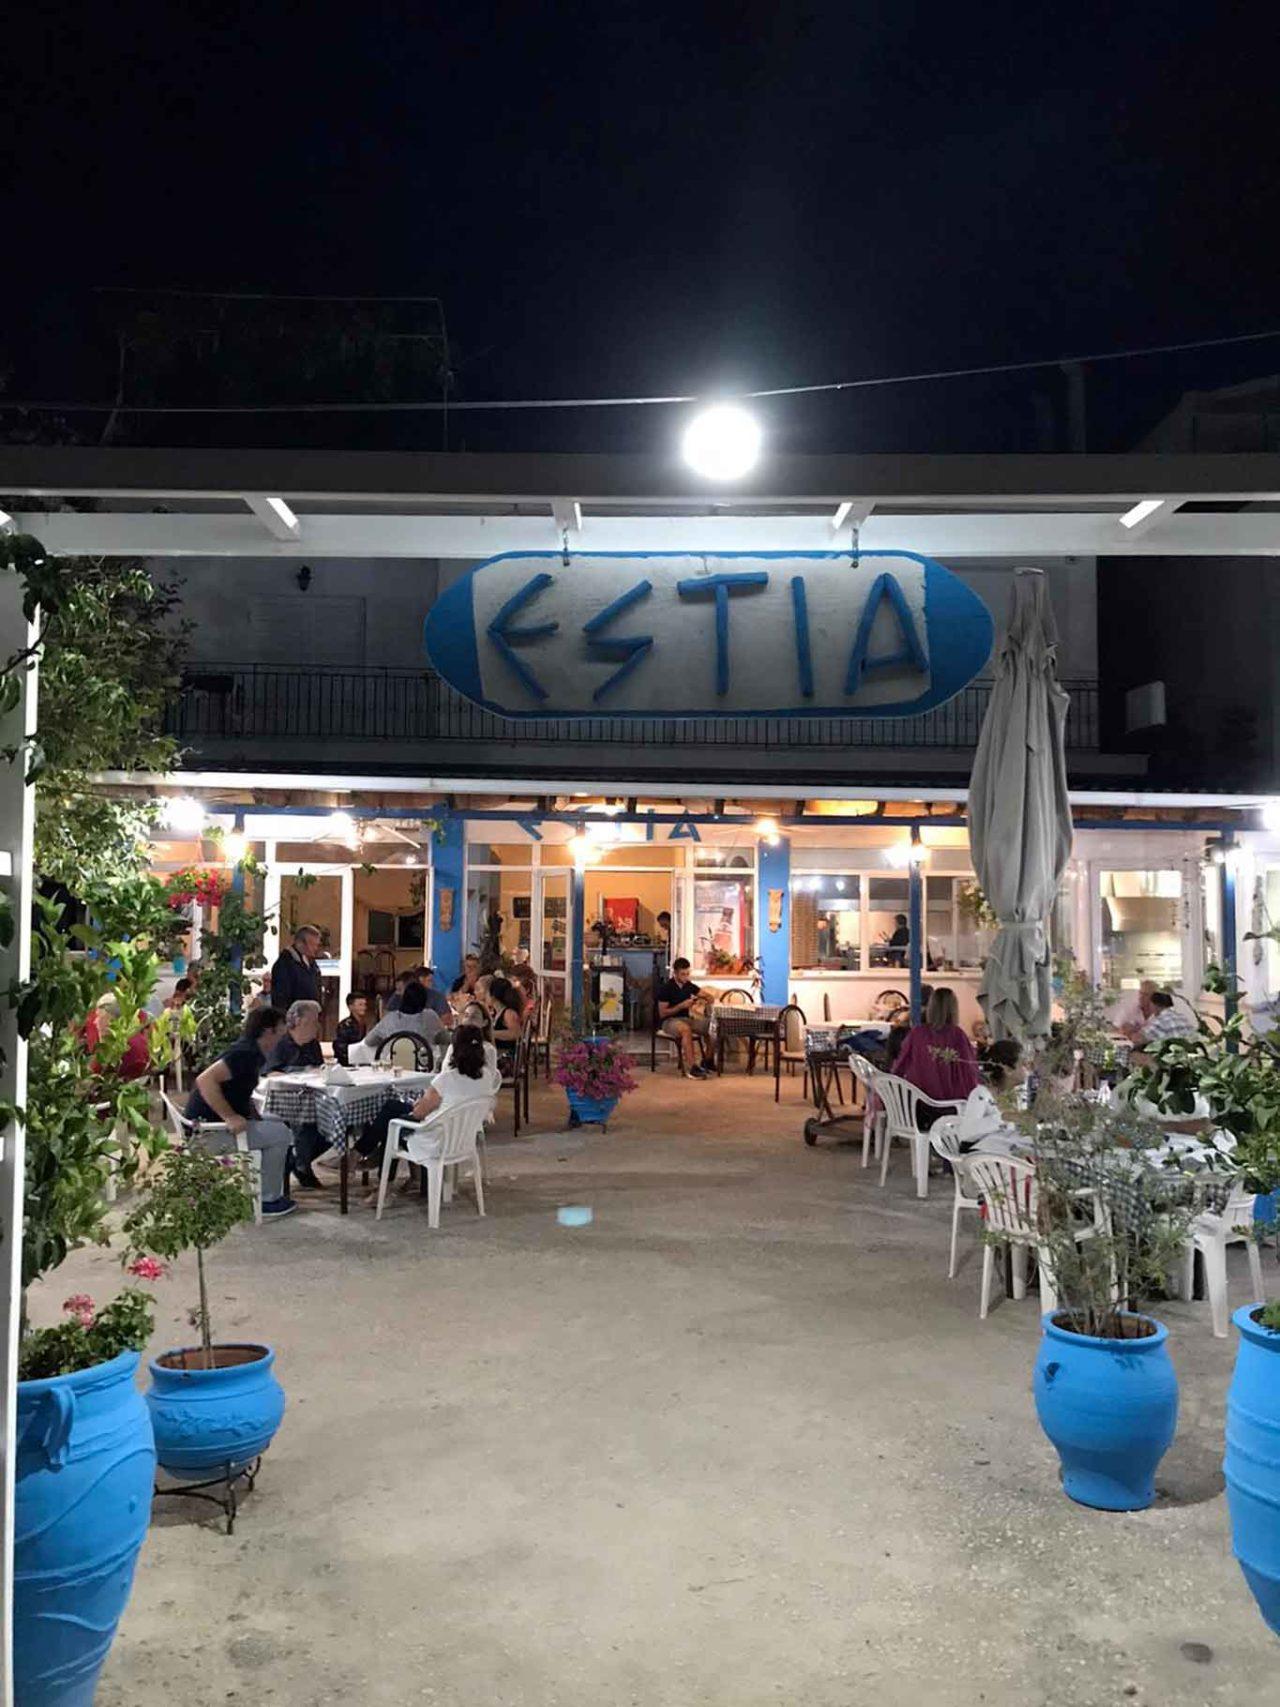 Estia Restaurant Plataria Grecia ingresso